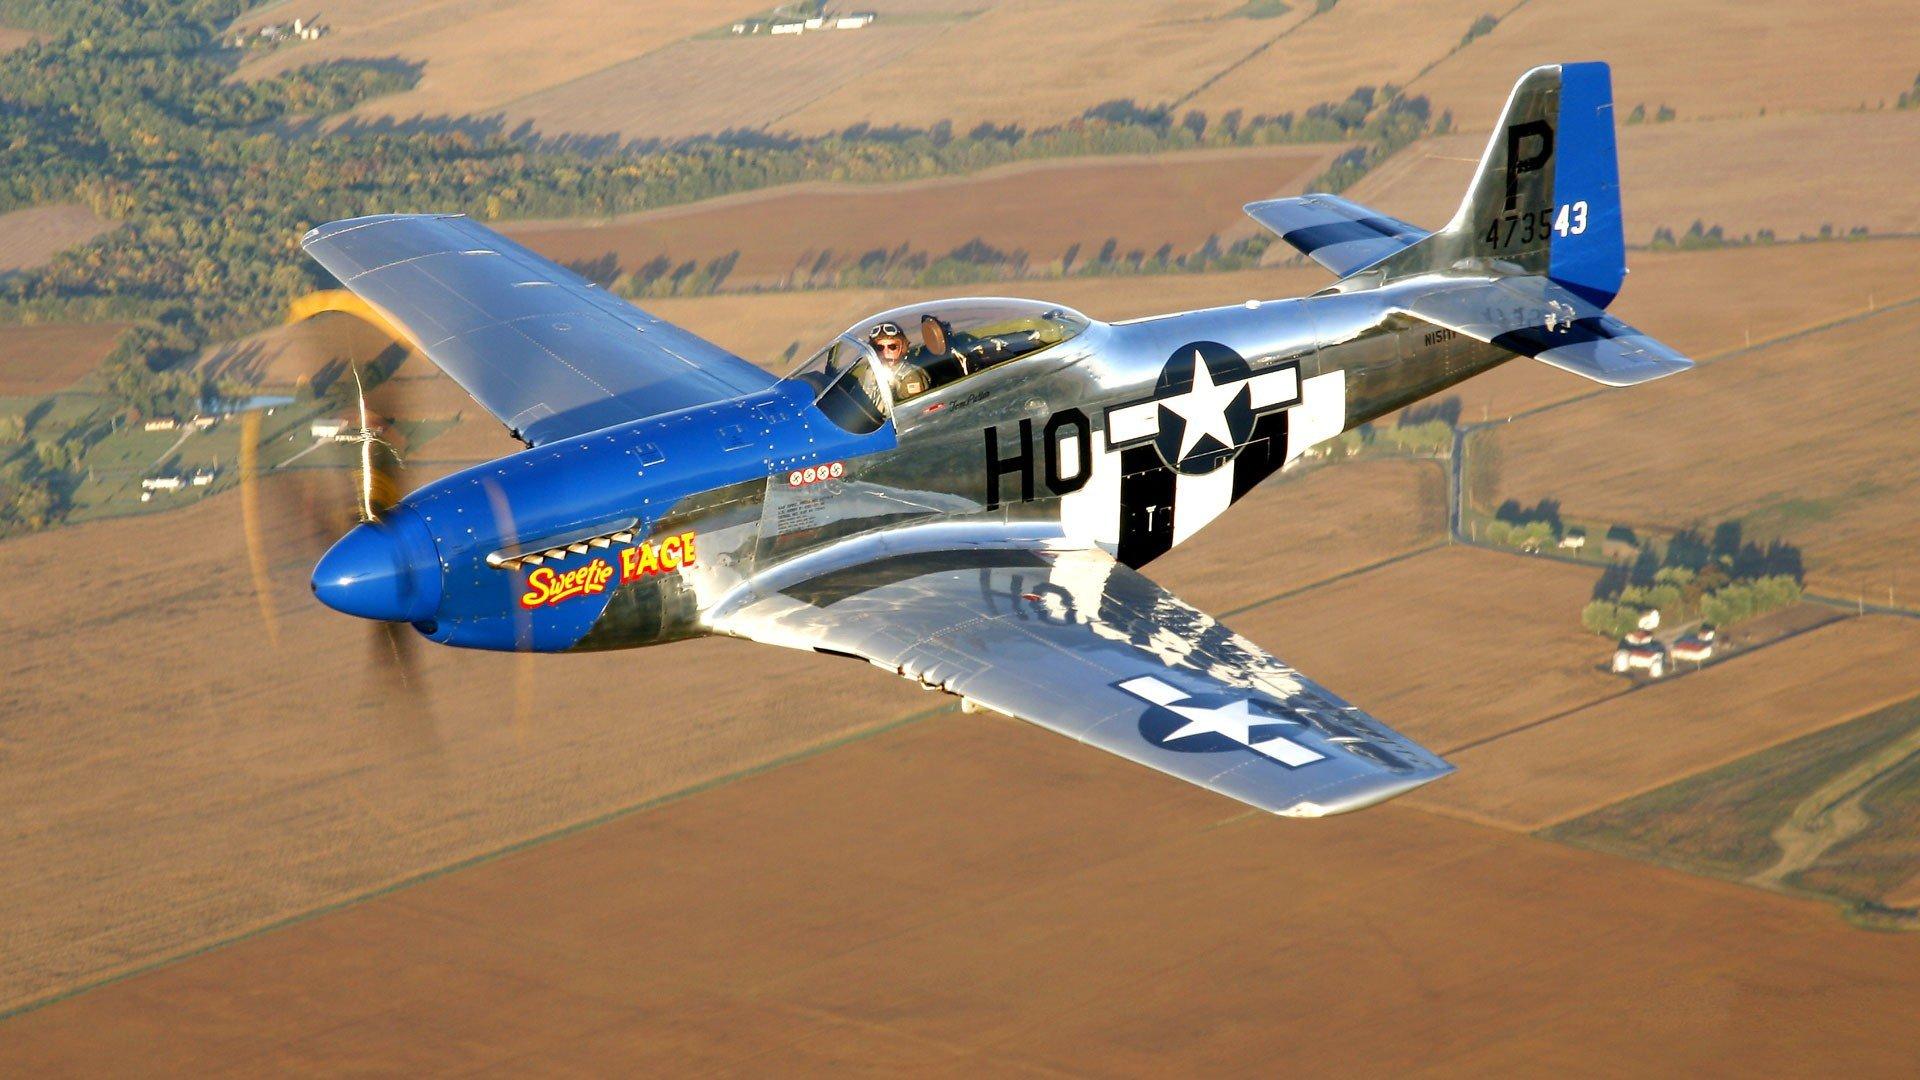 Обои дальний, одноместный, P-51c mustang, американский. Авиация foto 9